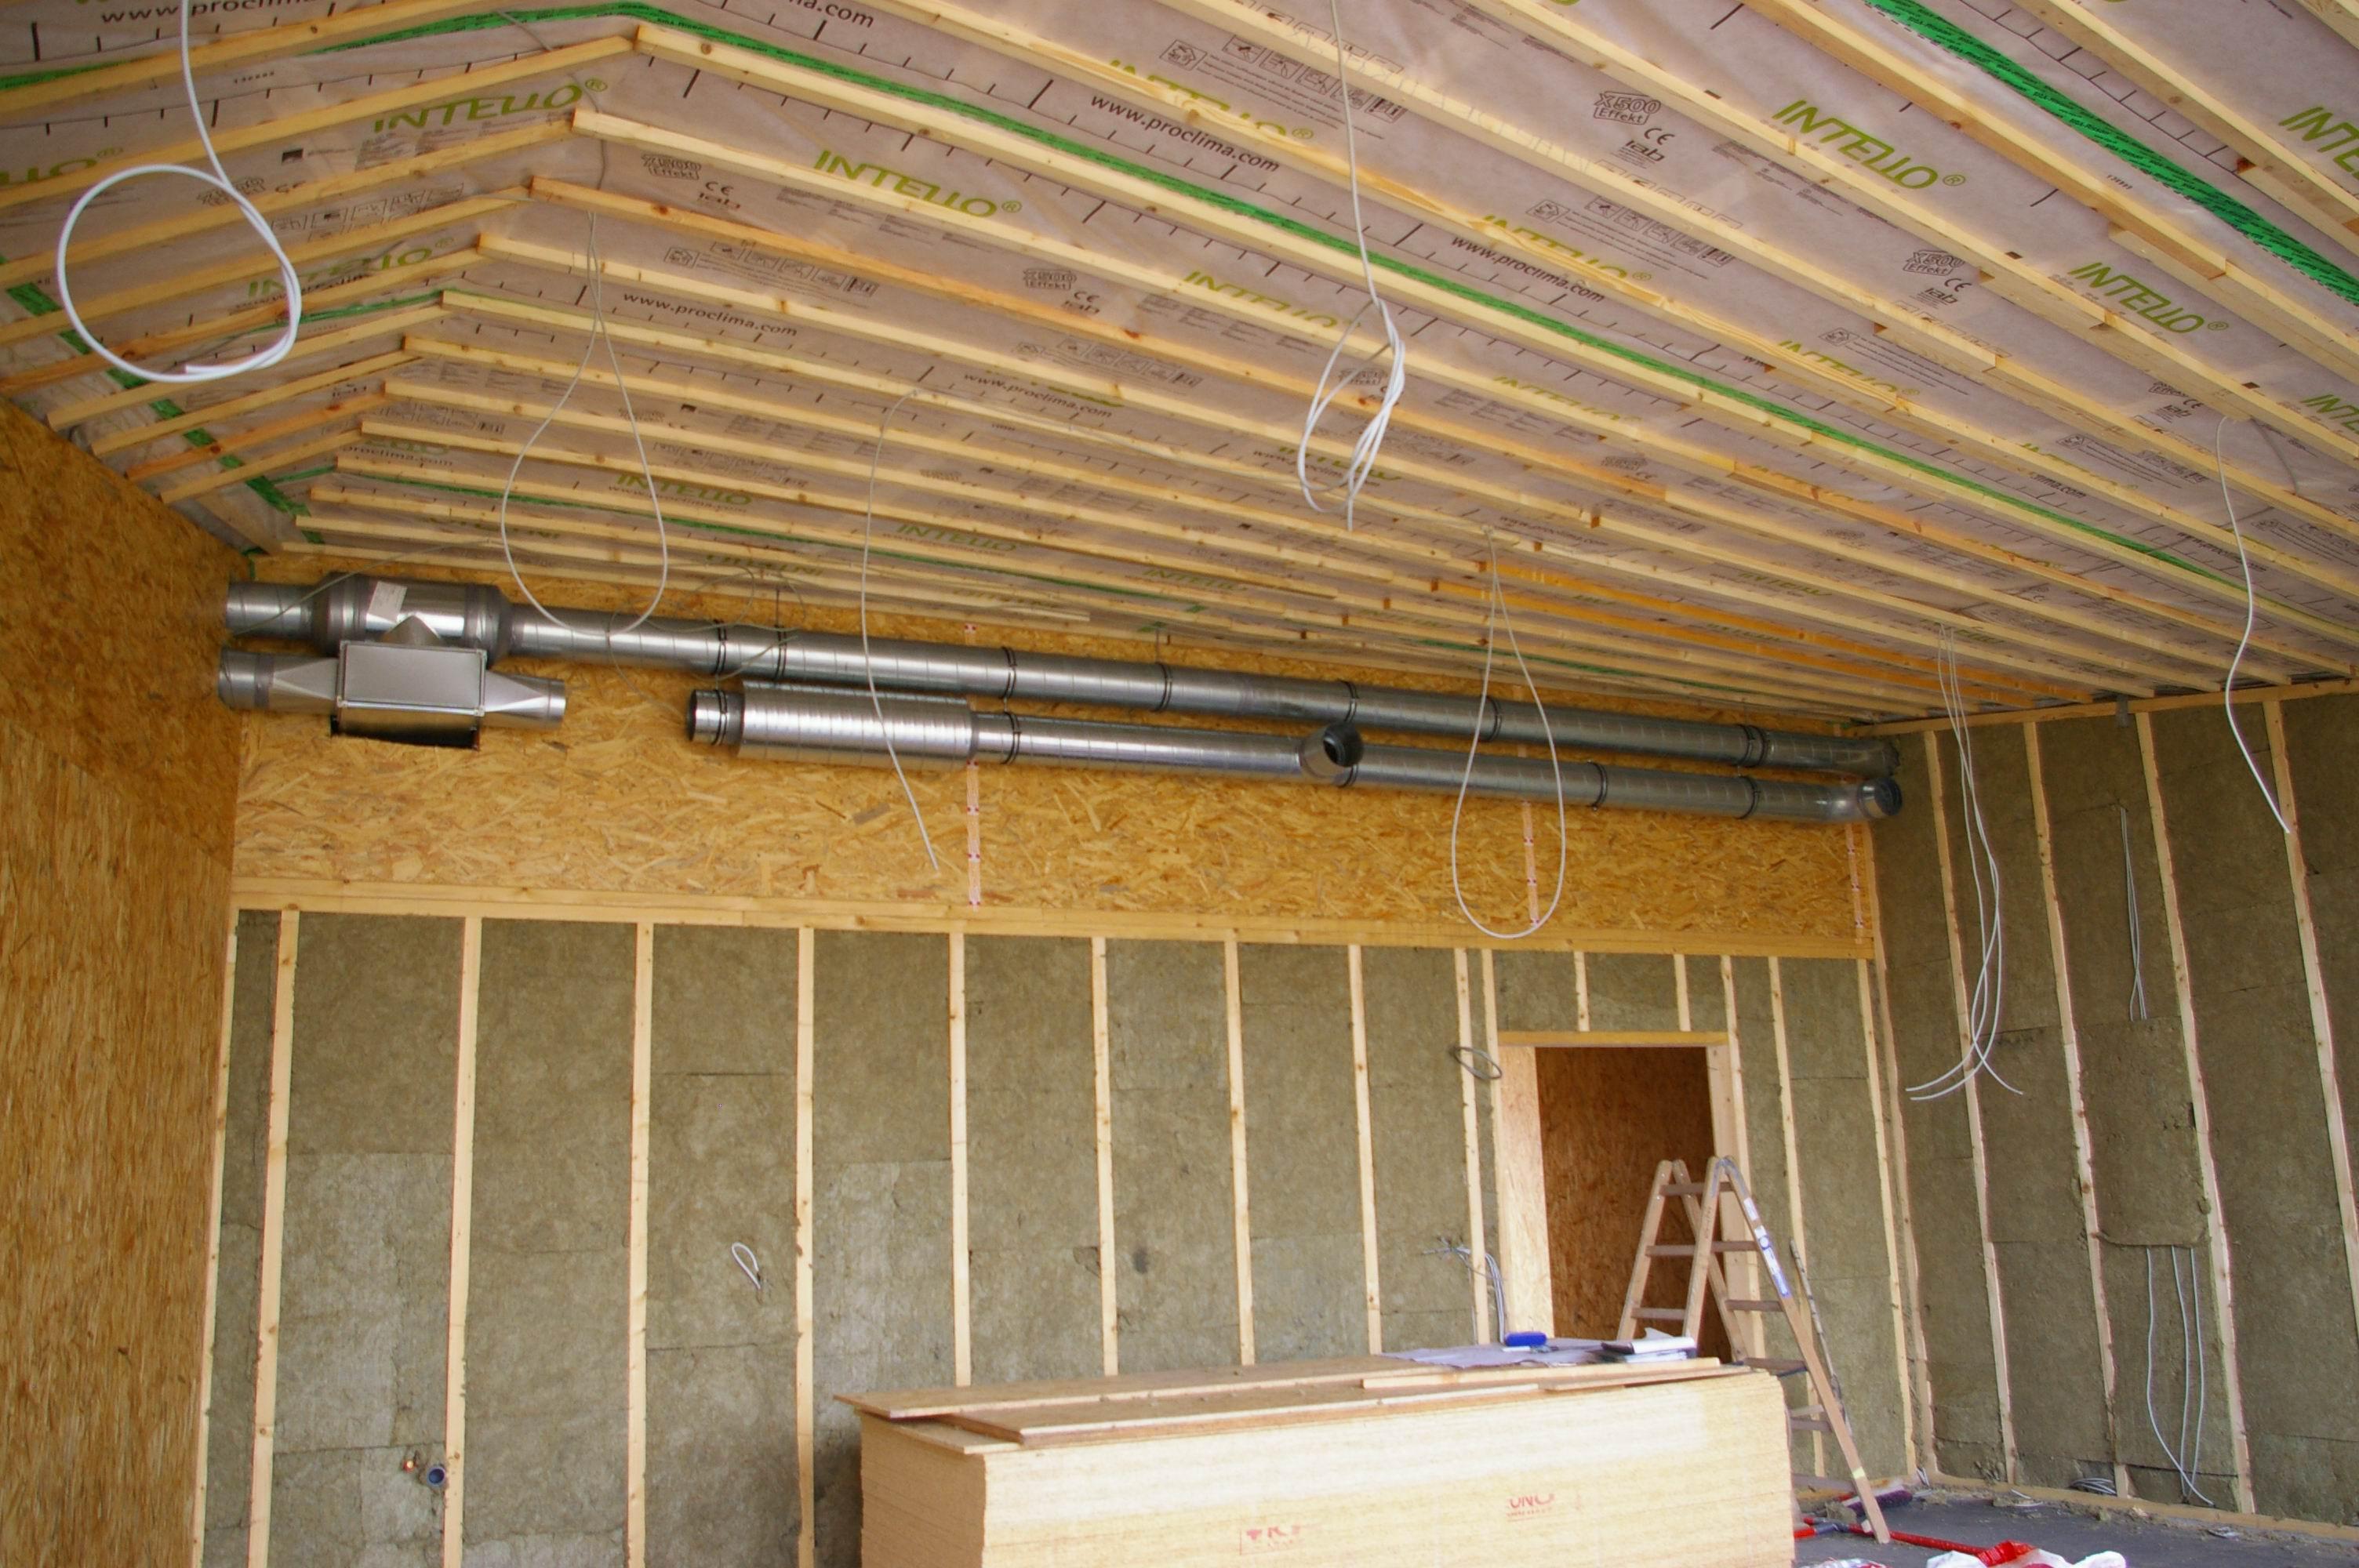 Freie Waldorfschule Magdeburg - 22. März 2012 - Fotos vom Baufortschritt